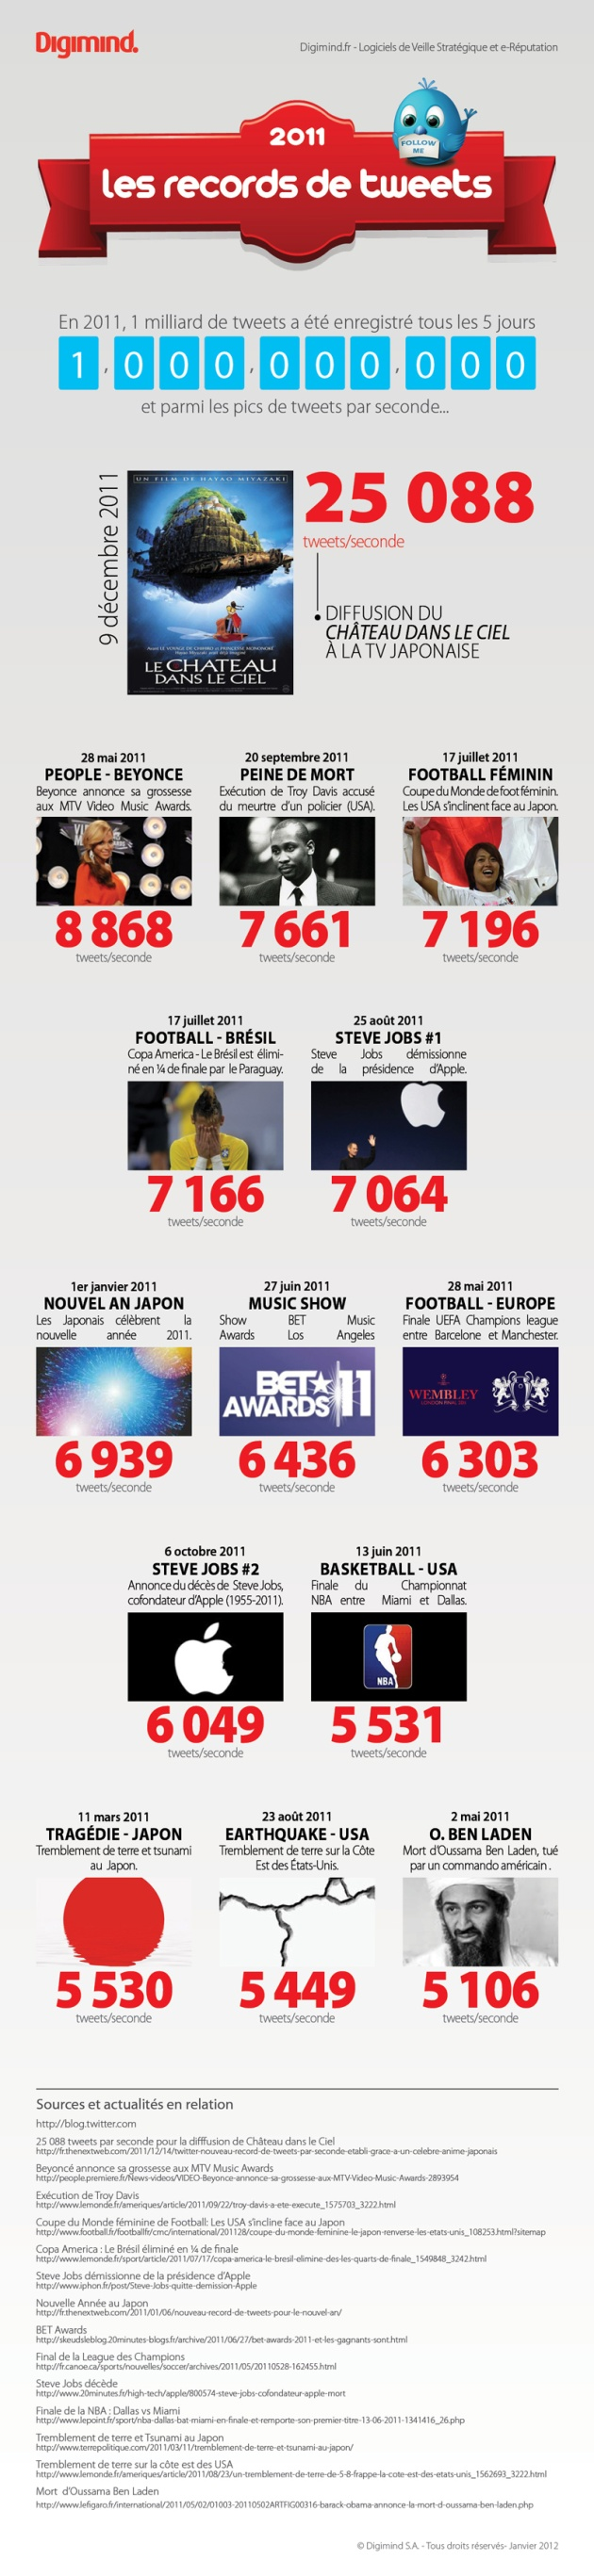 Twitter : Les records de tweets en 2011 (Infographie)